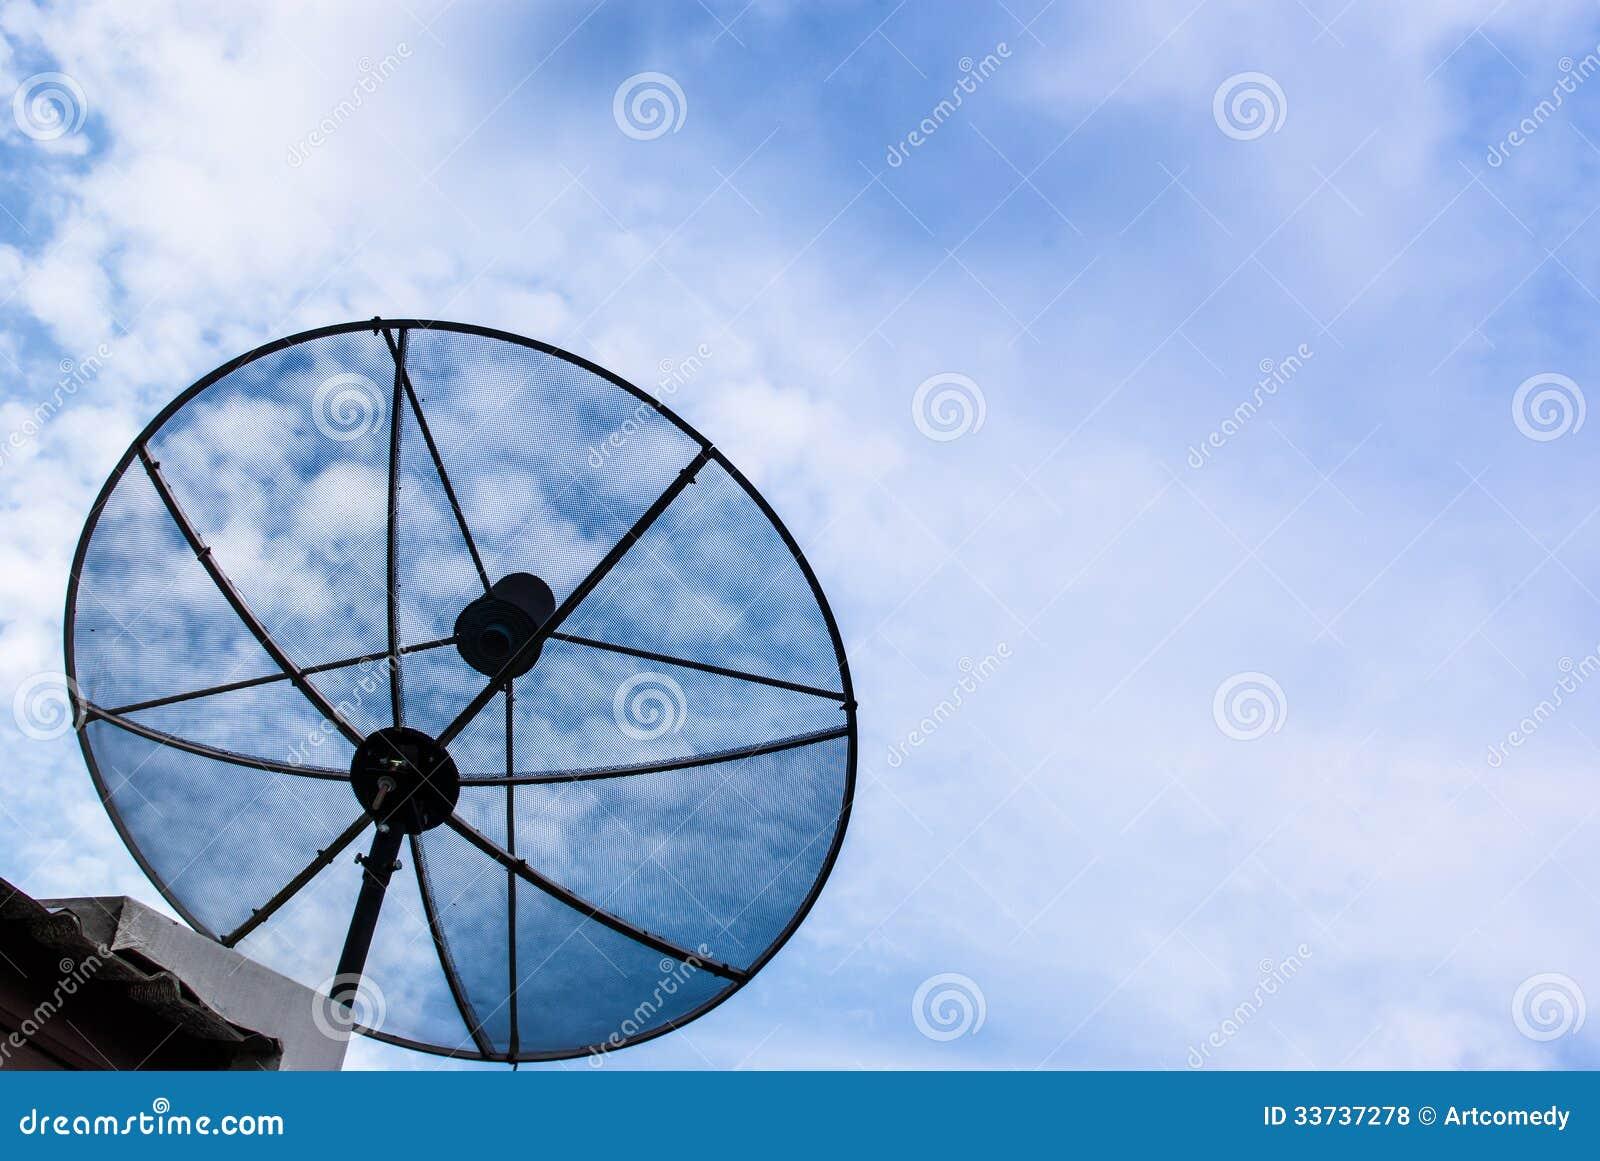 Спутниковая антенна-тарелка для сообщения